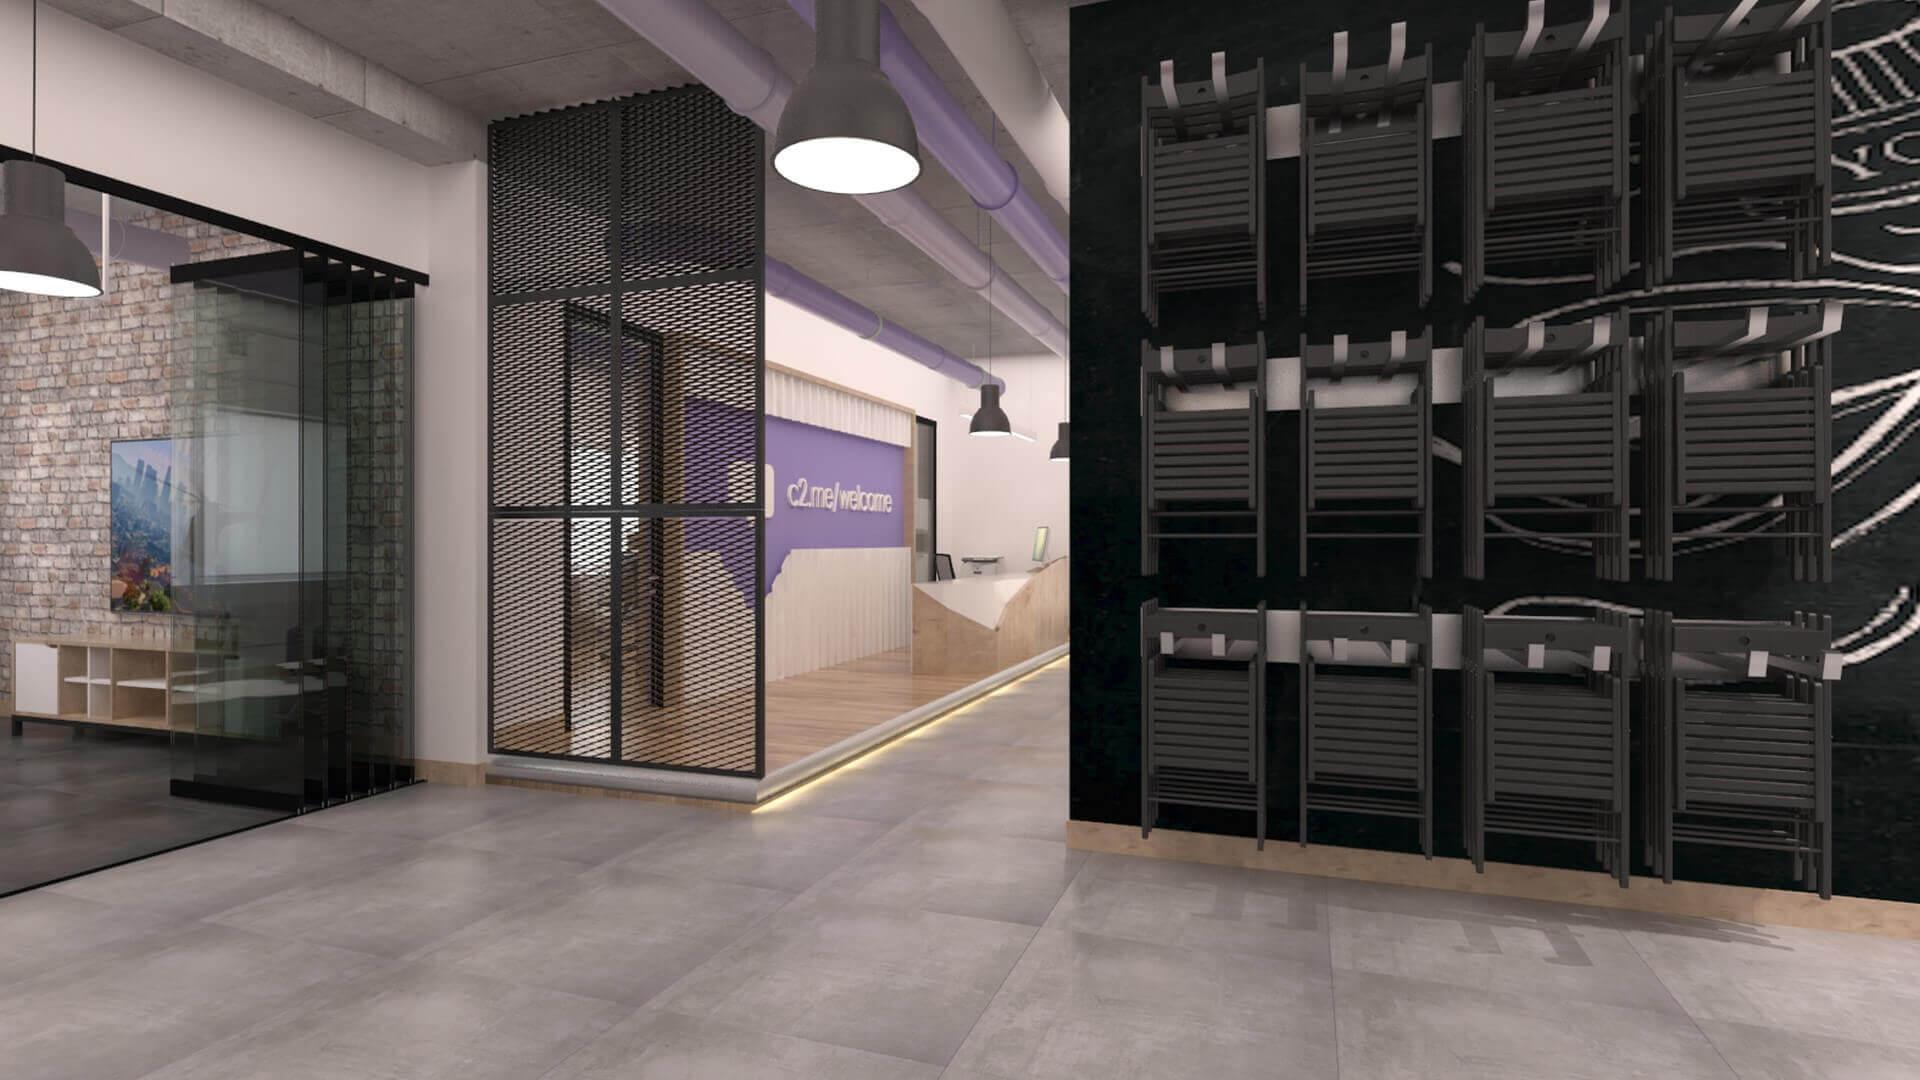 ofis mimari 2338 Connected2.me C2M Bilişim Ofisler